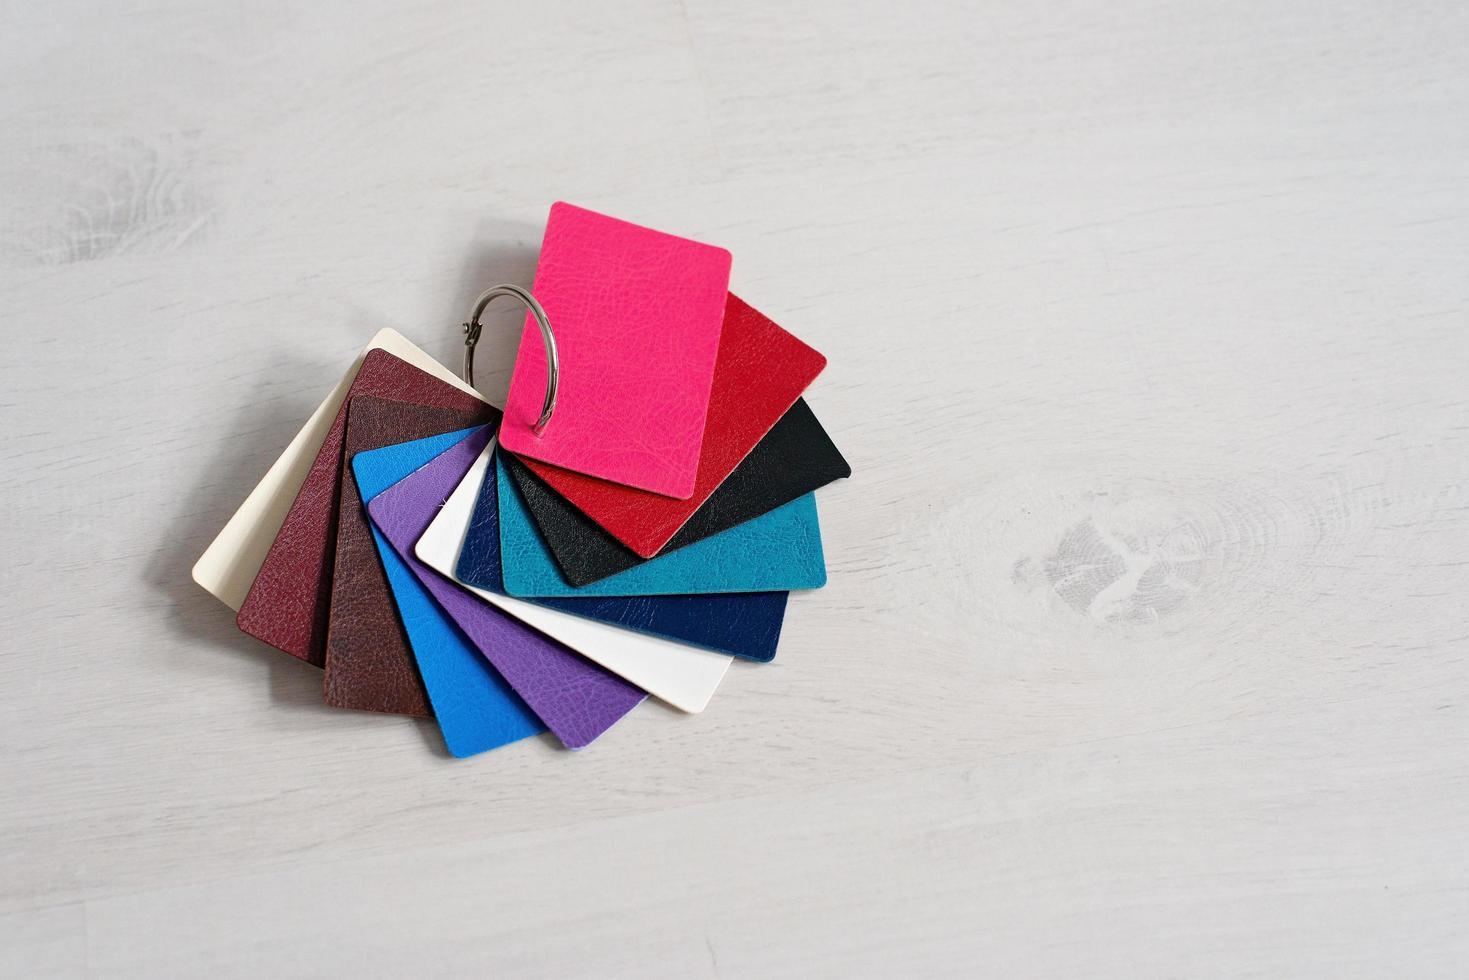 campioni di moda in vera pelle colorata, negozi moderni, concetto di industria. catalogo palette con campioni di pelle colore. disegno della copertina. foto